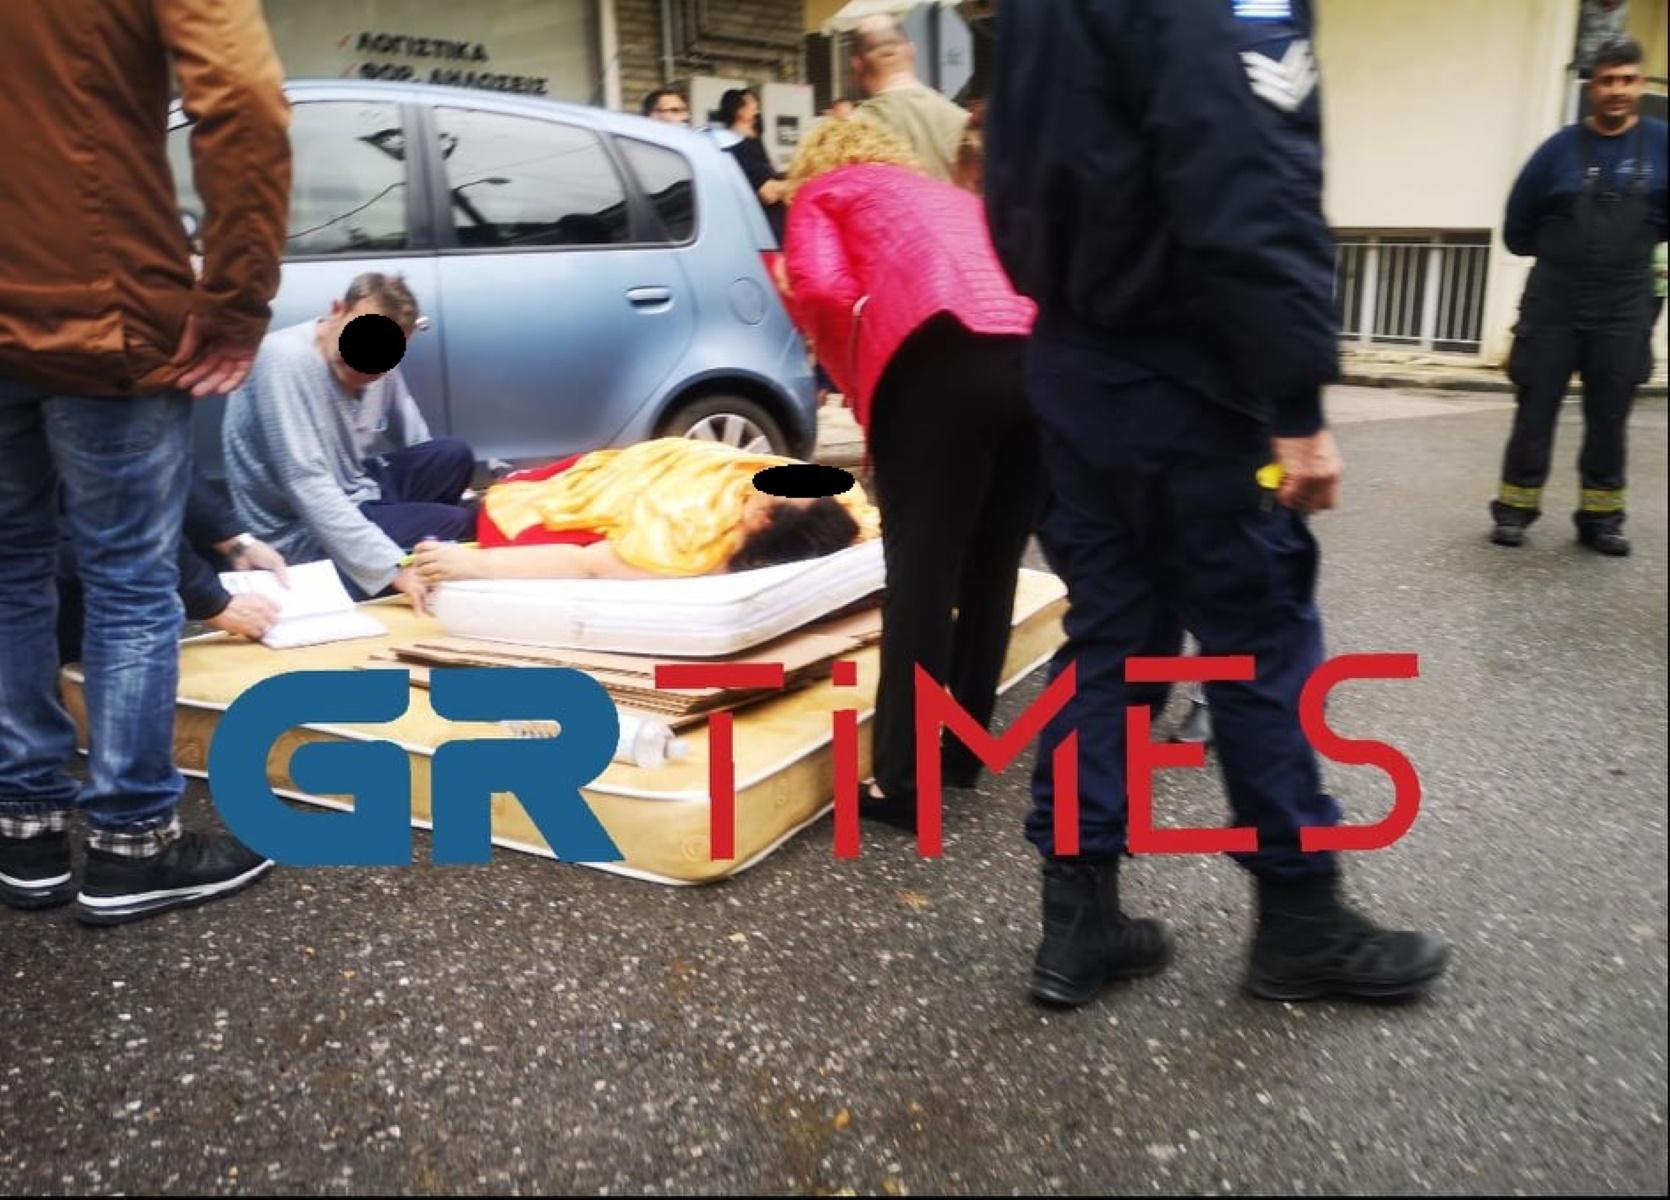 Θεσσαλονίκη: Ξέχασε τα κλειδιά της και βρέθηκε κρεμασμένη από μπαλκόνι (pics, video)